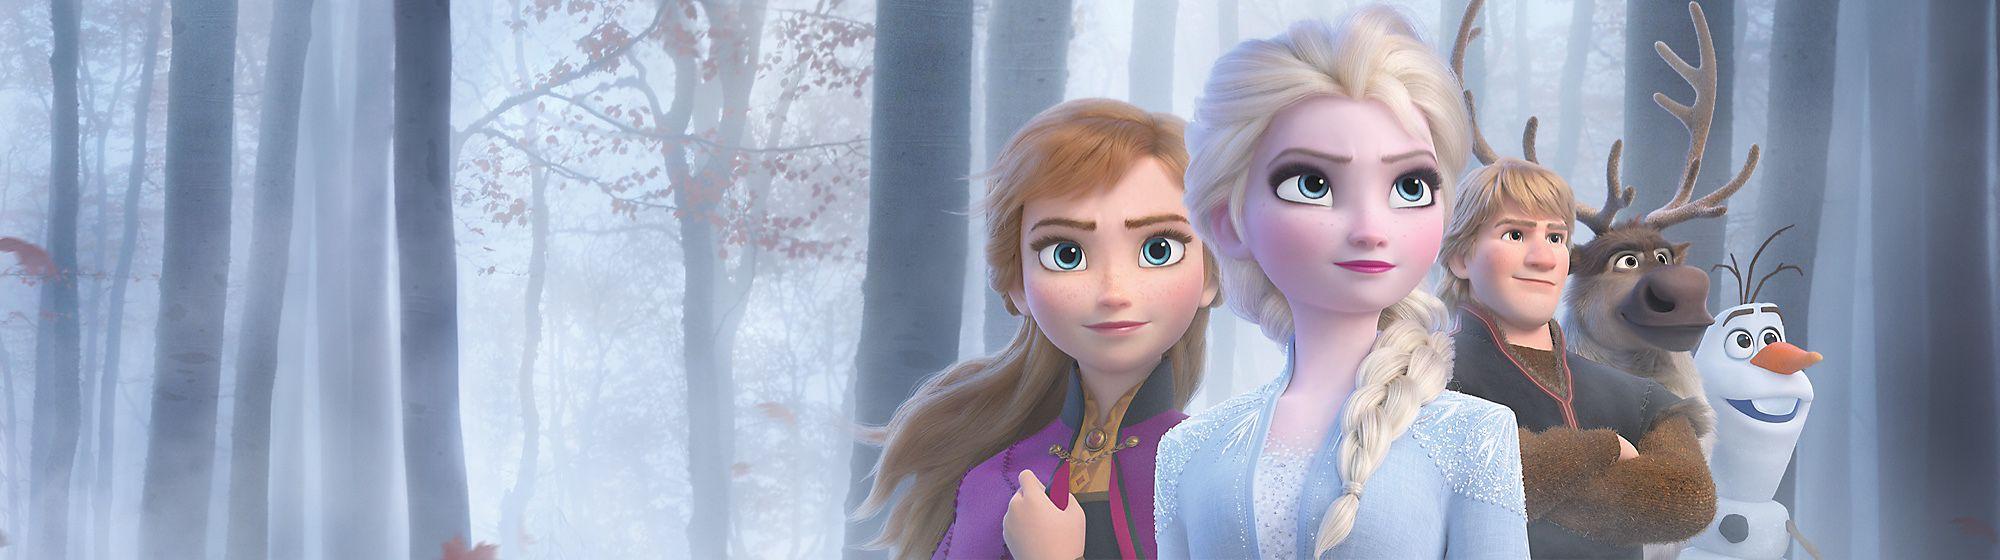 La Reine des Neiges 2 Découvrez notre nouvelle collection magique de jouets, déguisements, poupées et plus encore avec Elsa, Anna et leurs amis